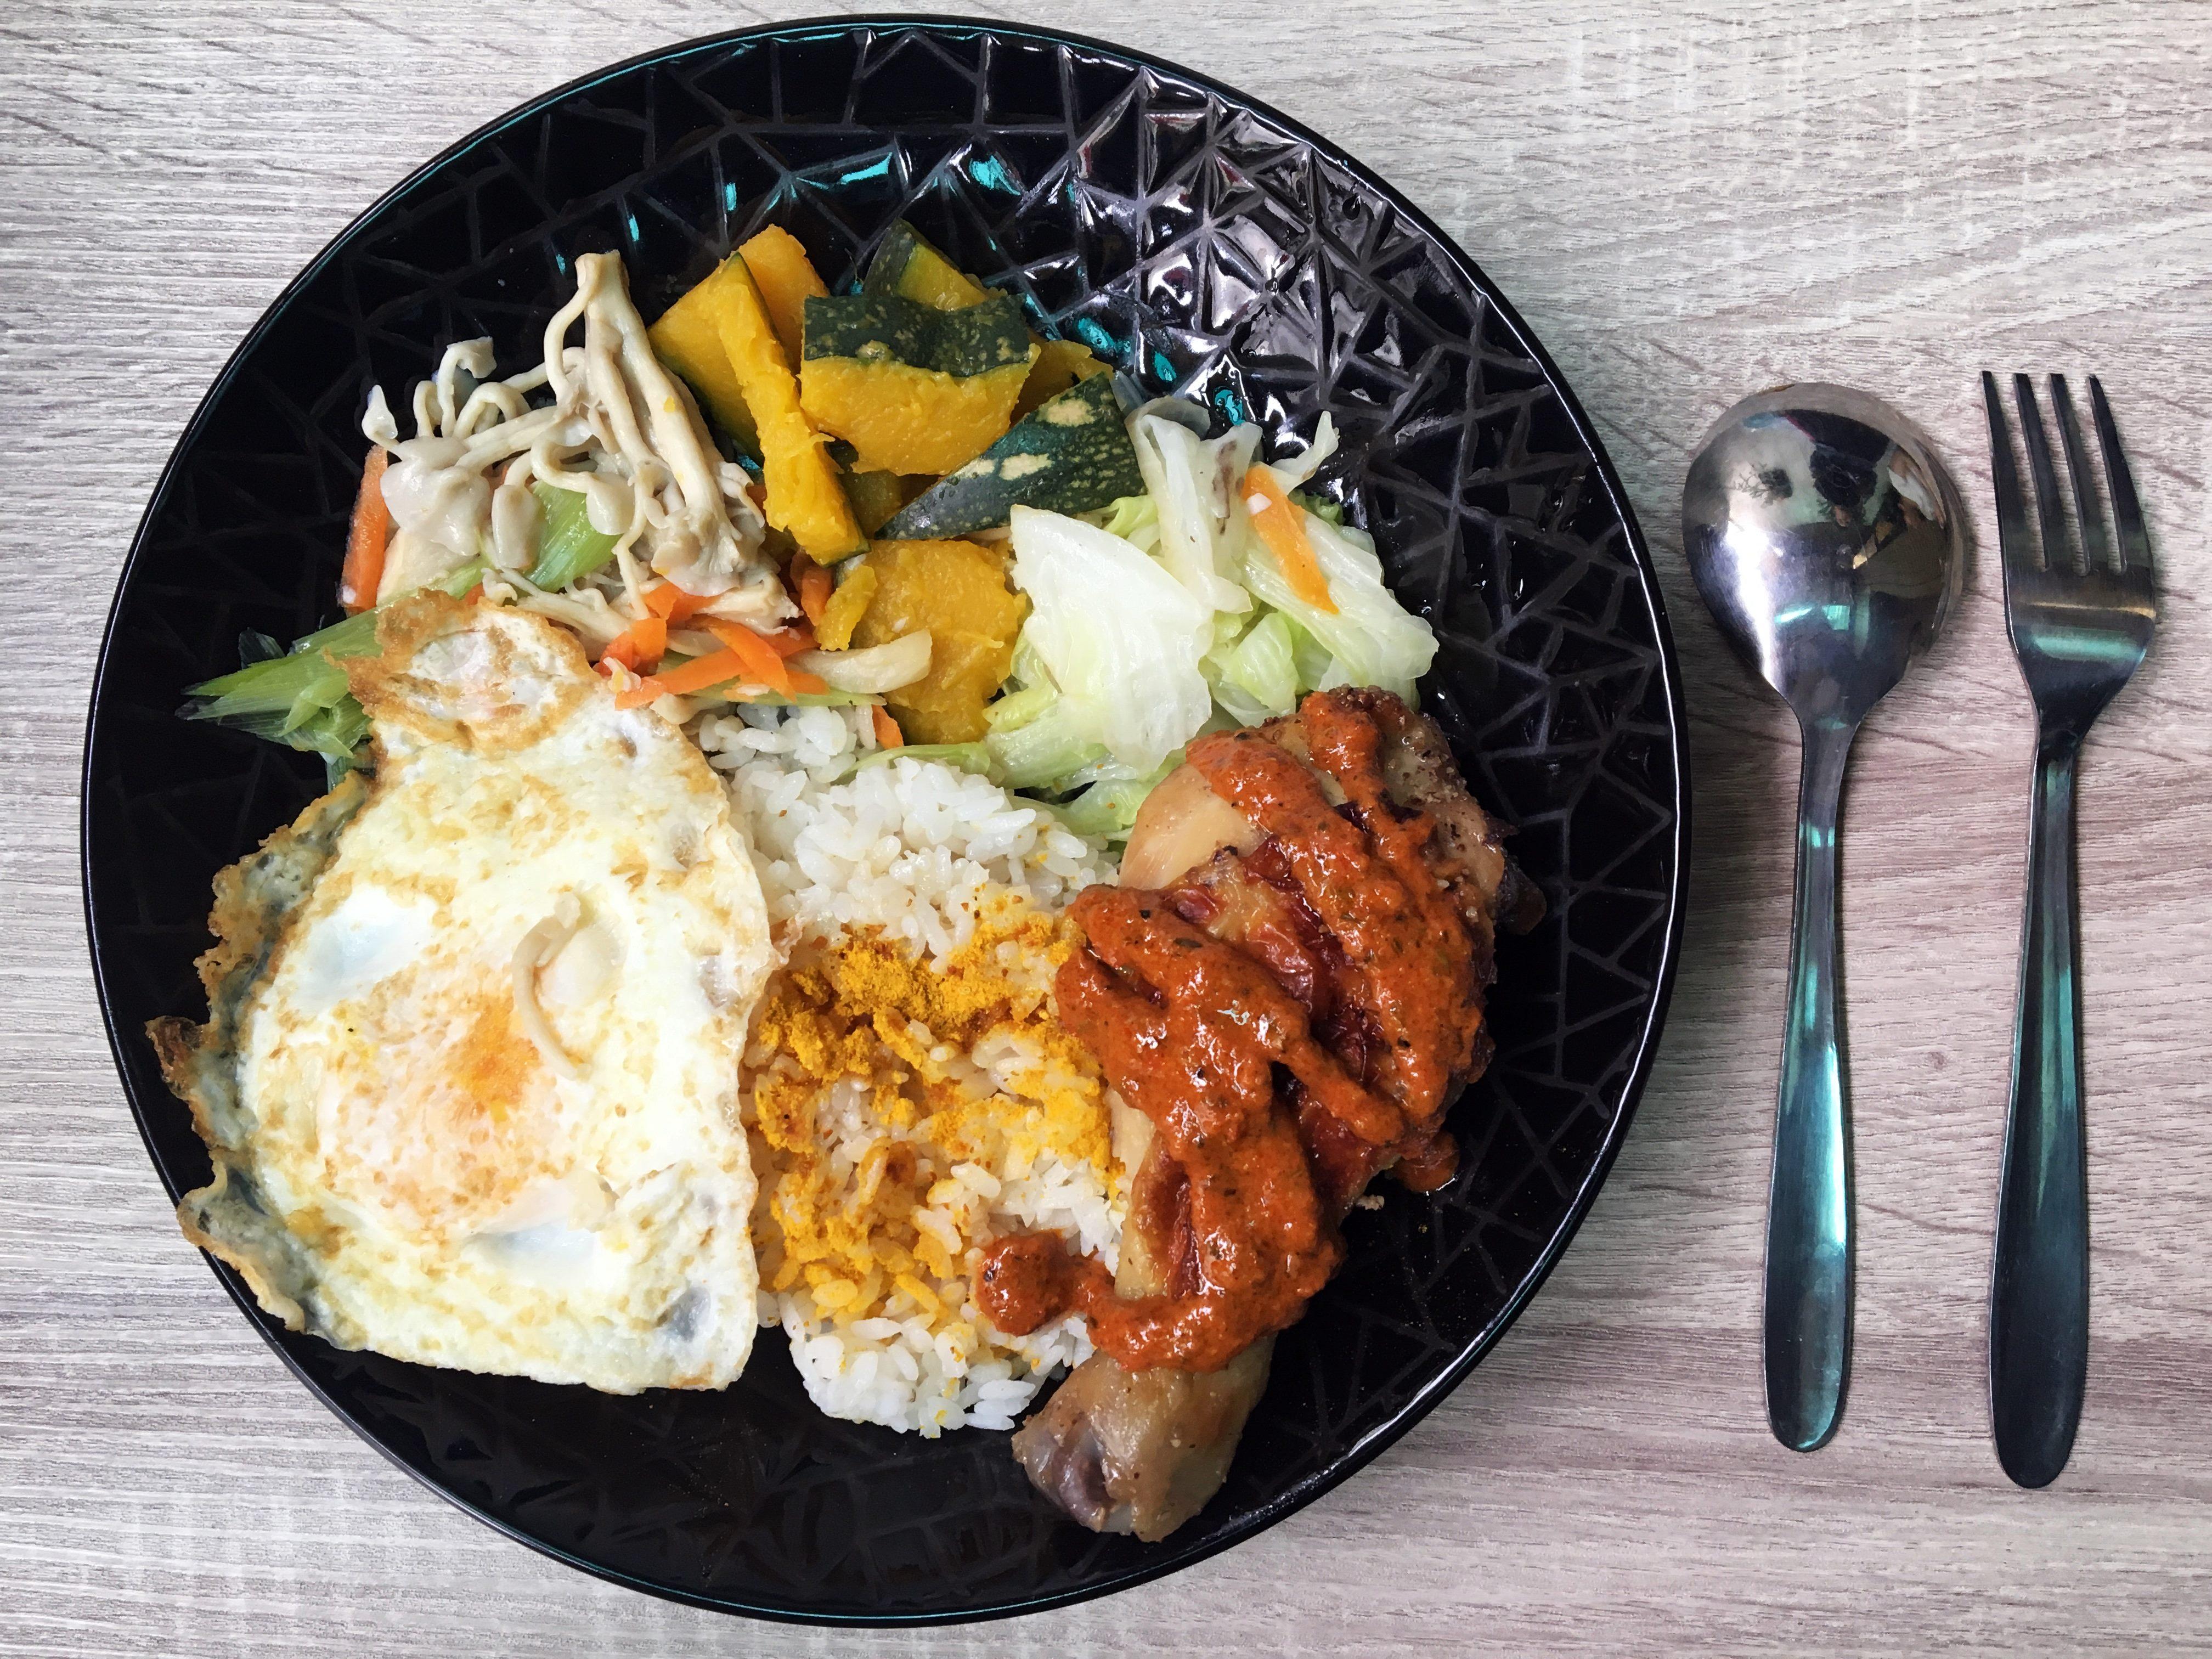 大吉大利,今晚吃雞!後育樂新店—雙城烤雞-大漠孜然雞片飯